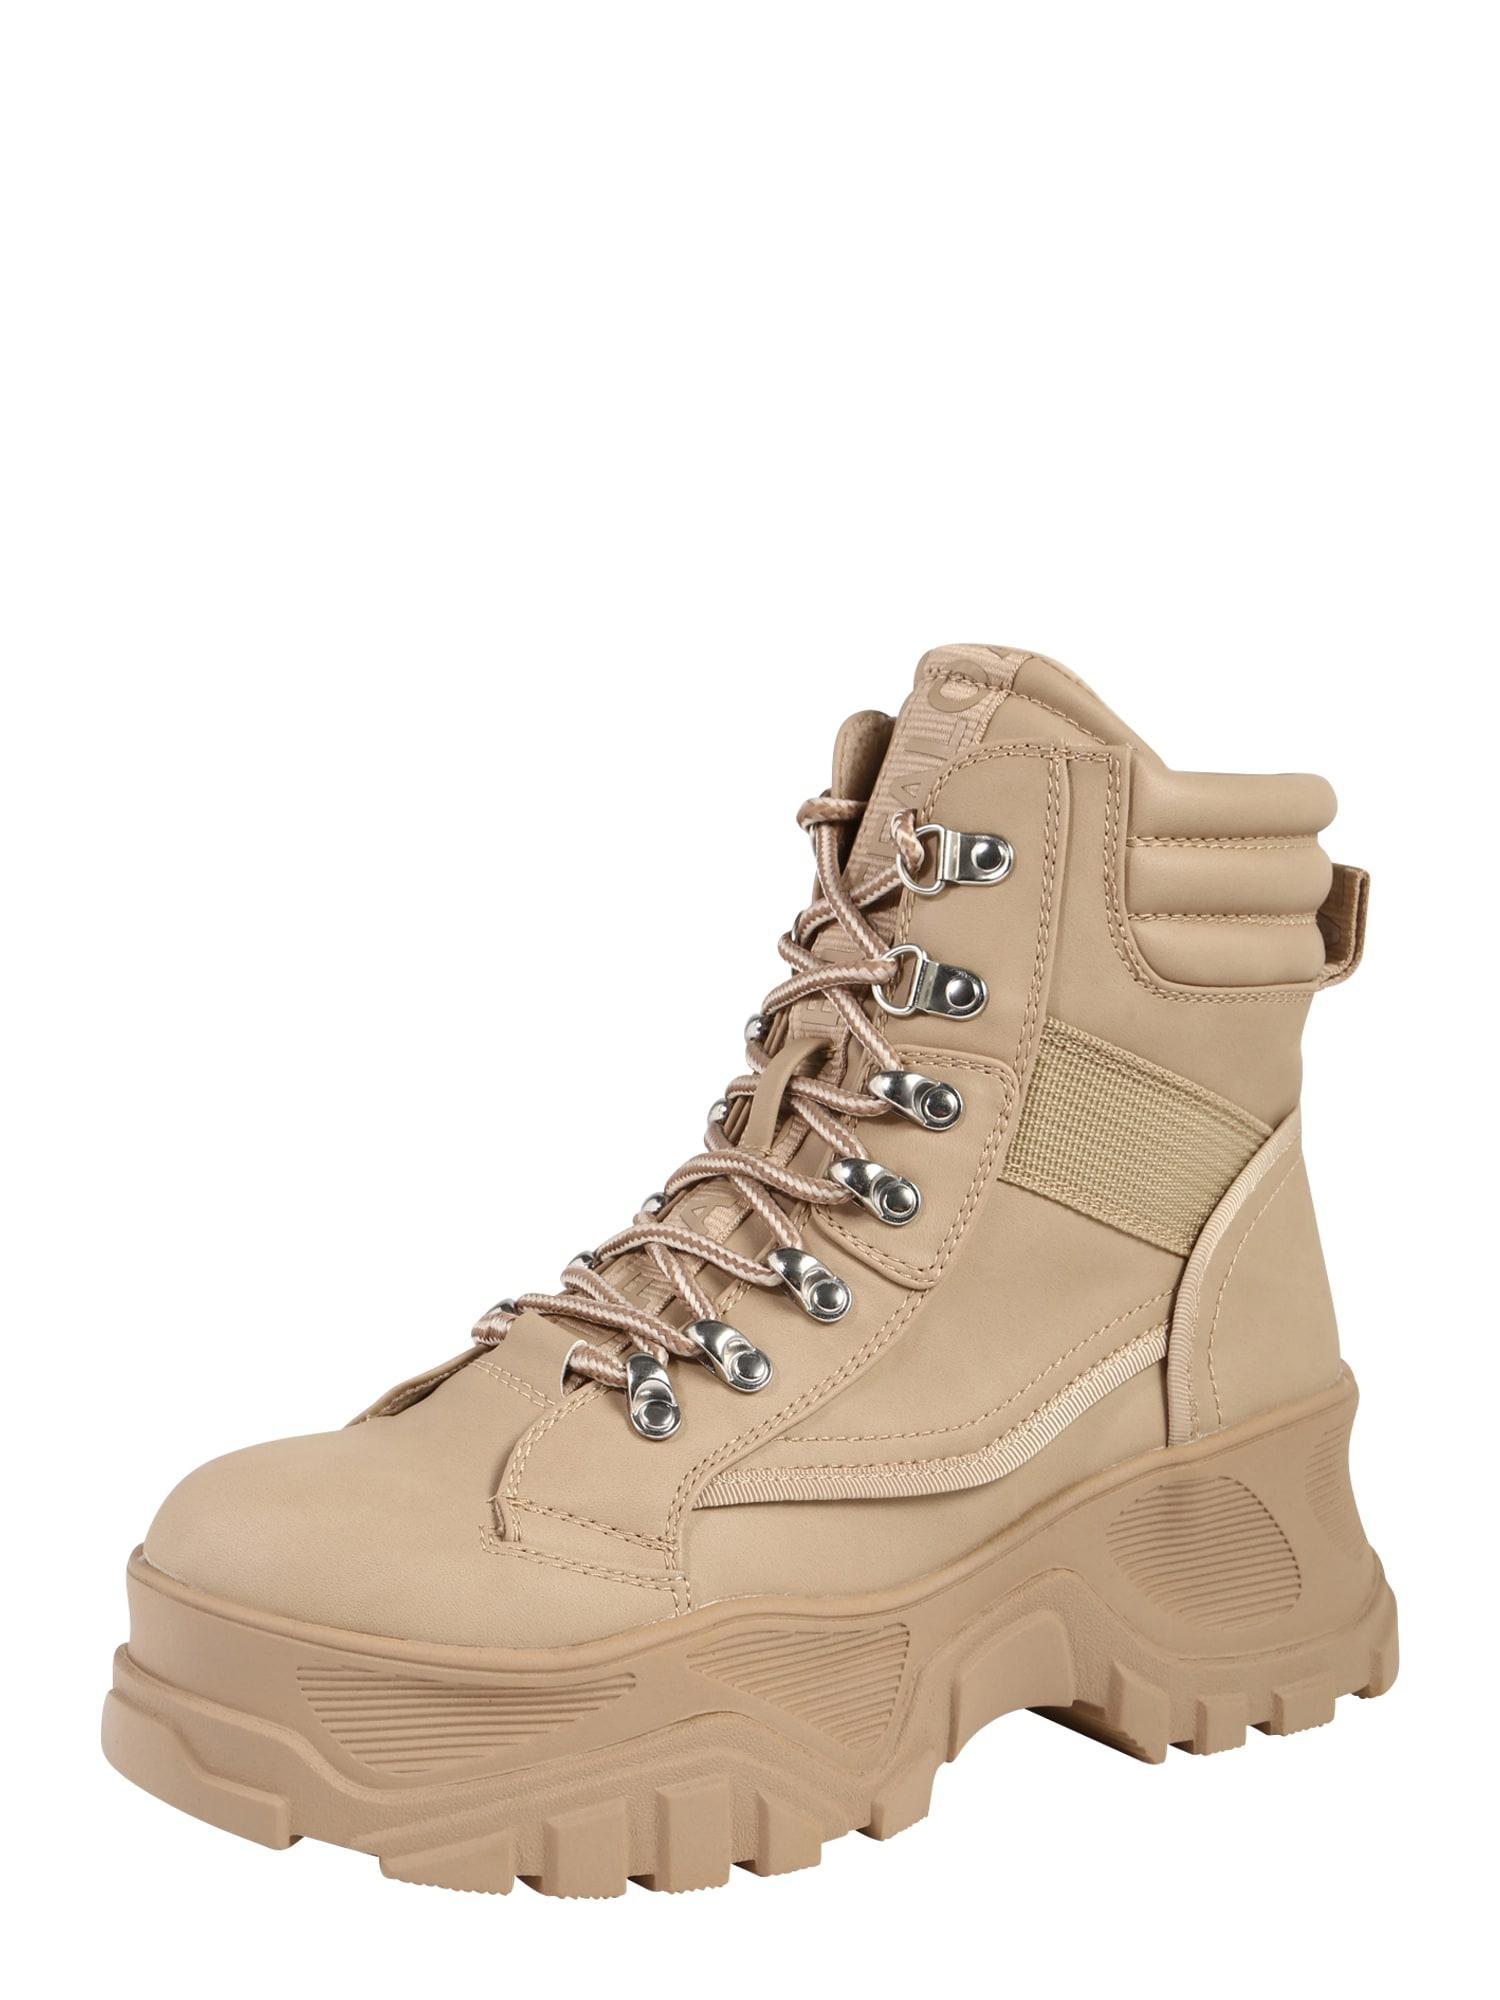 Šněrovací boty FENDO krémová BUFFALO